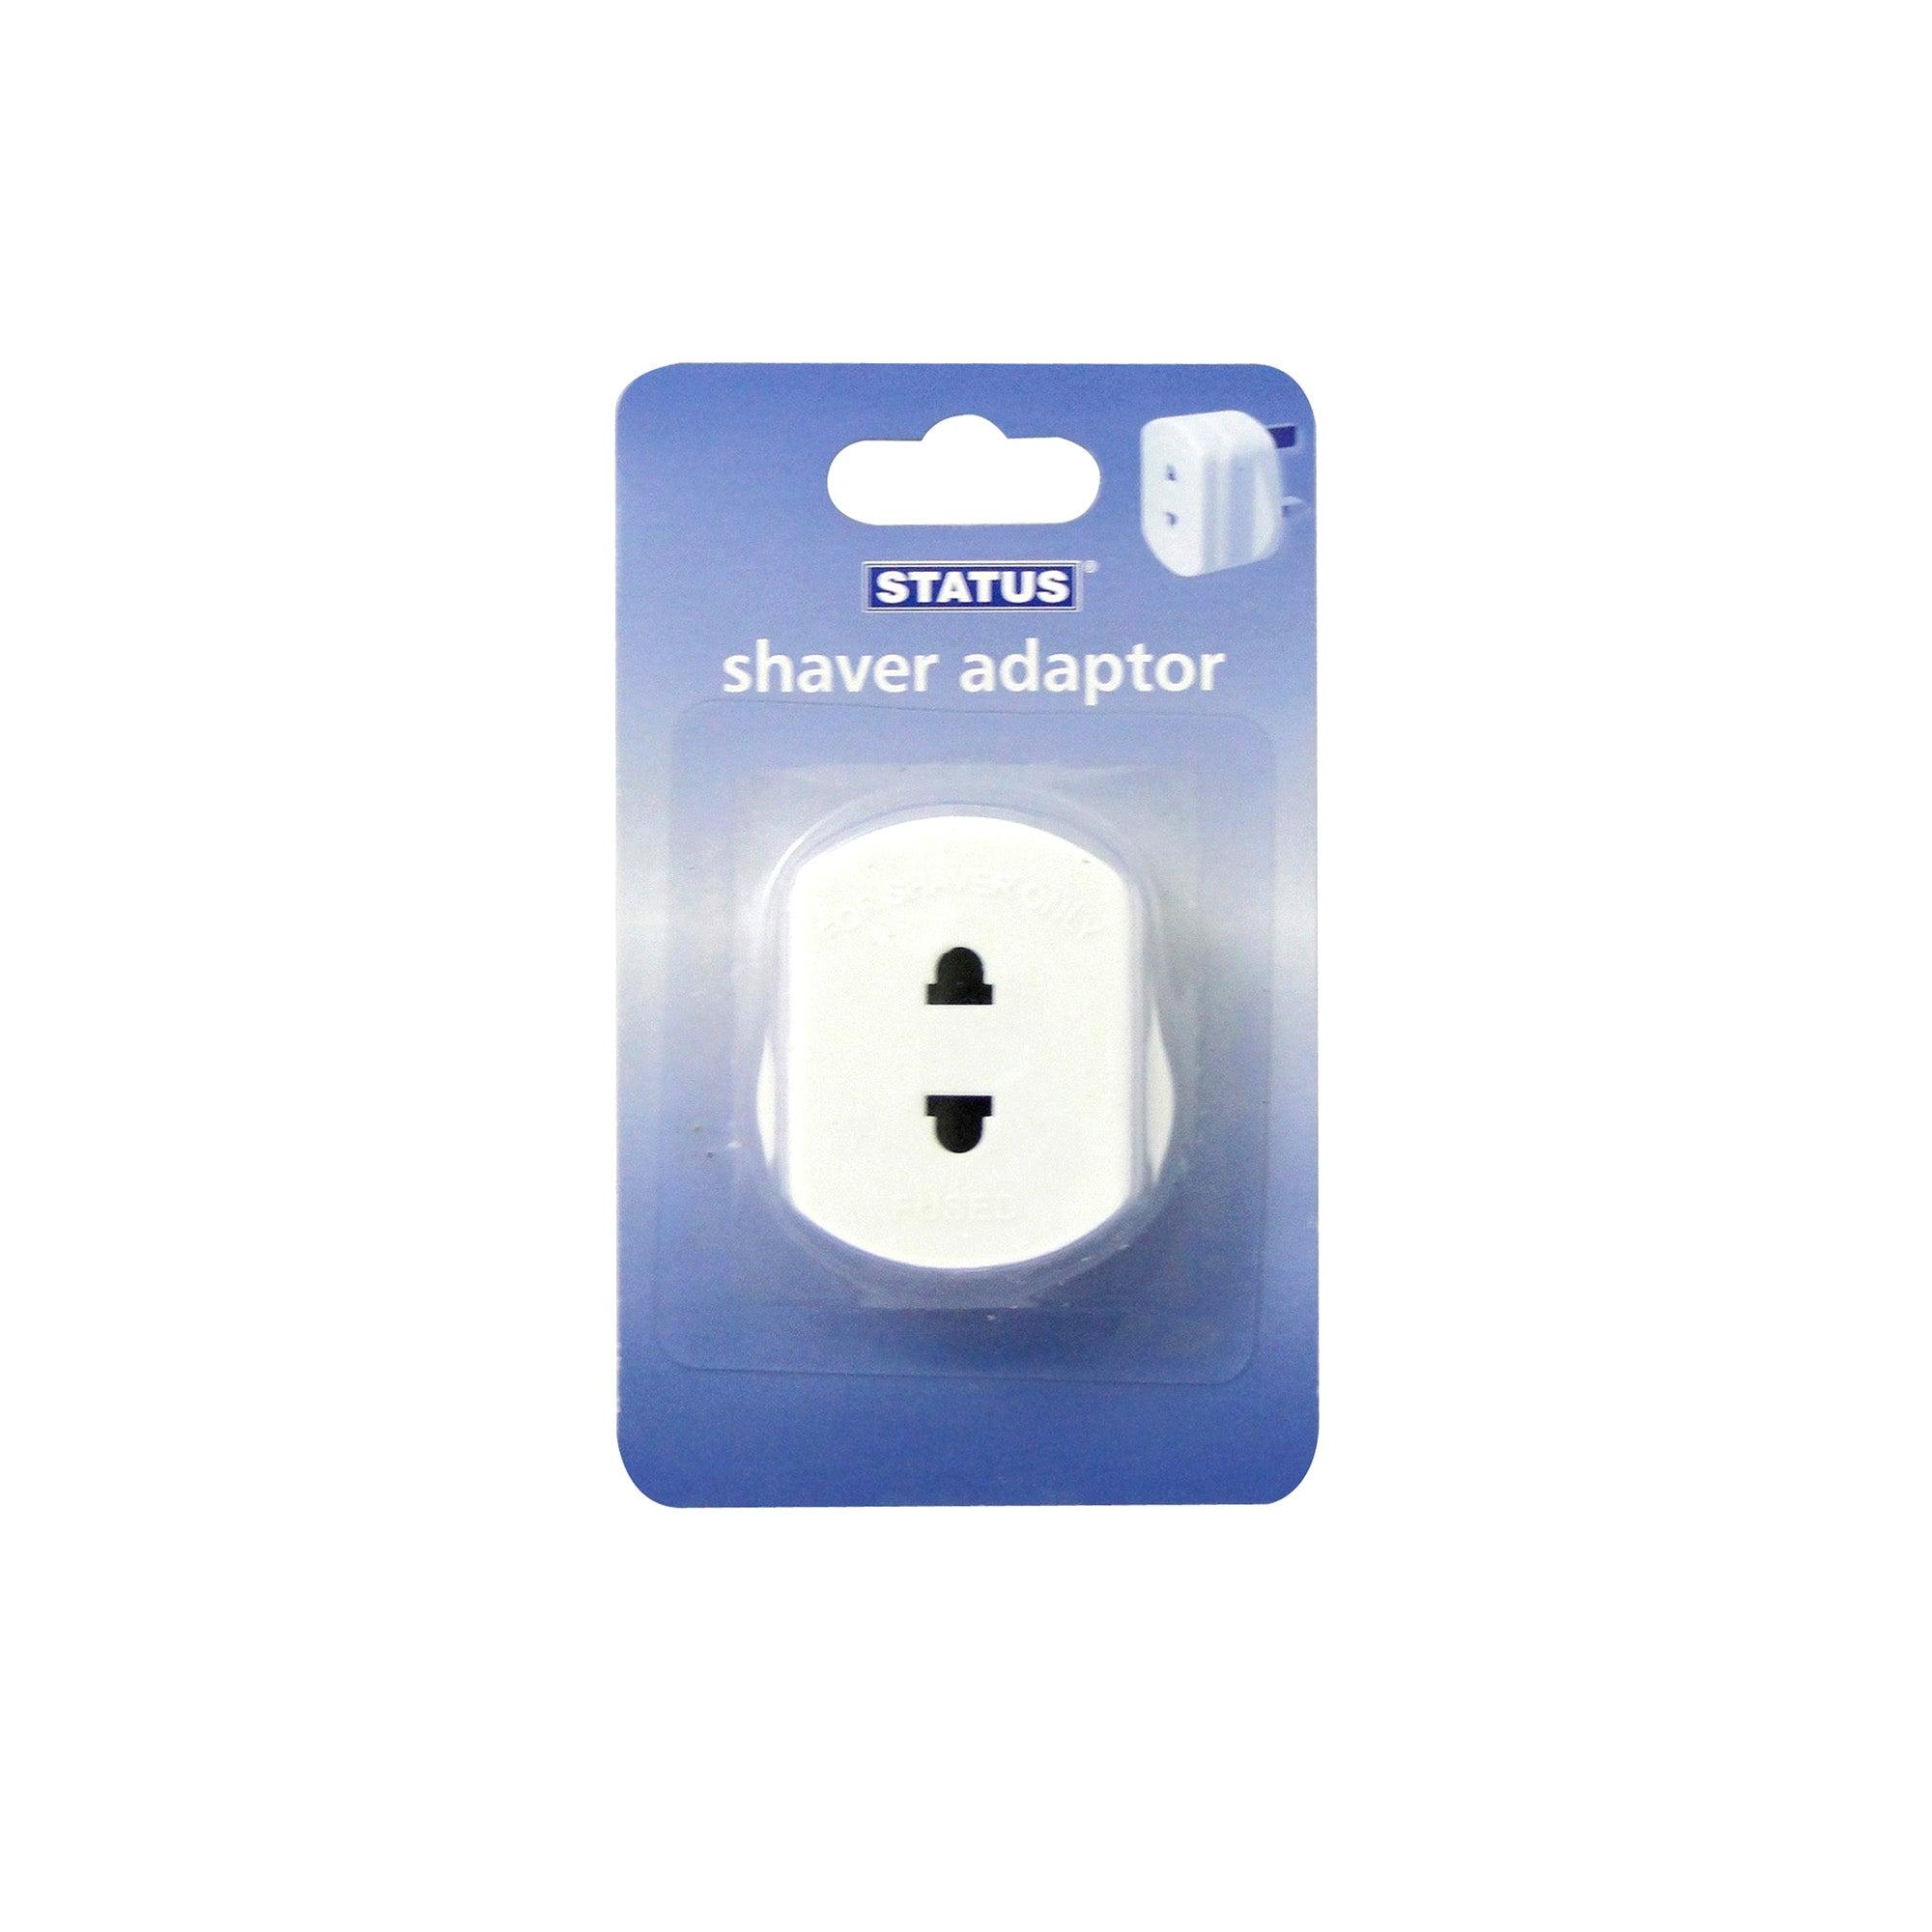 Status Shaver Adaptor